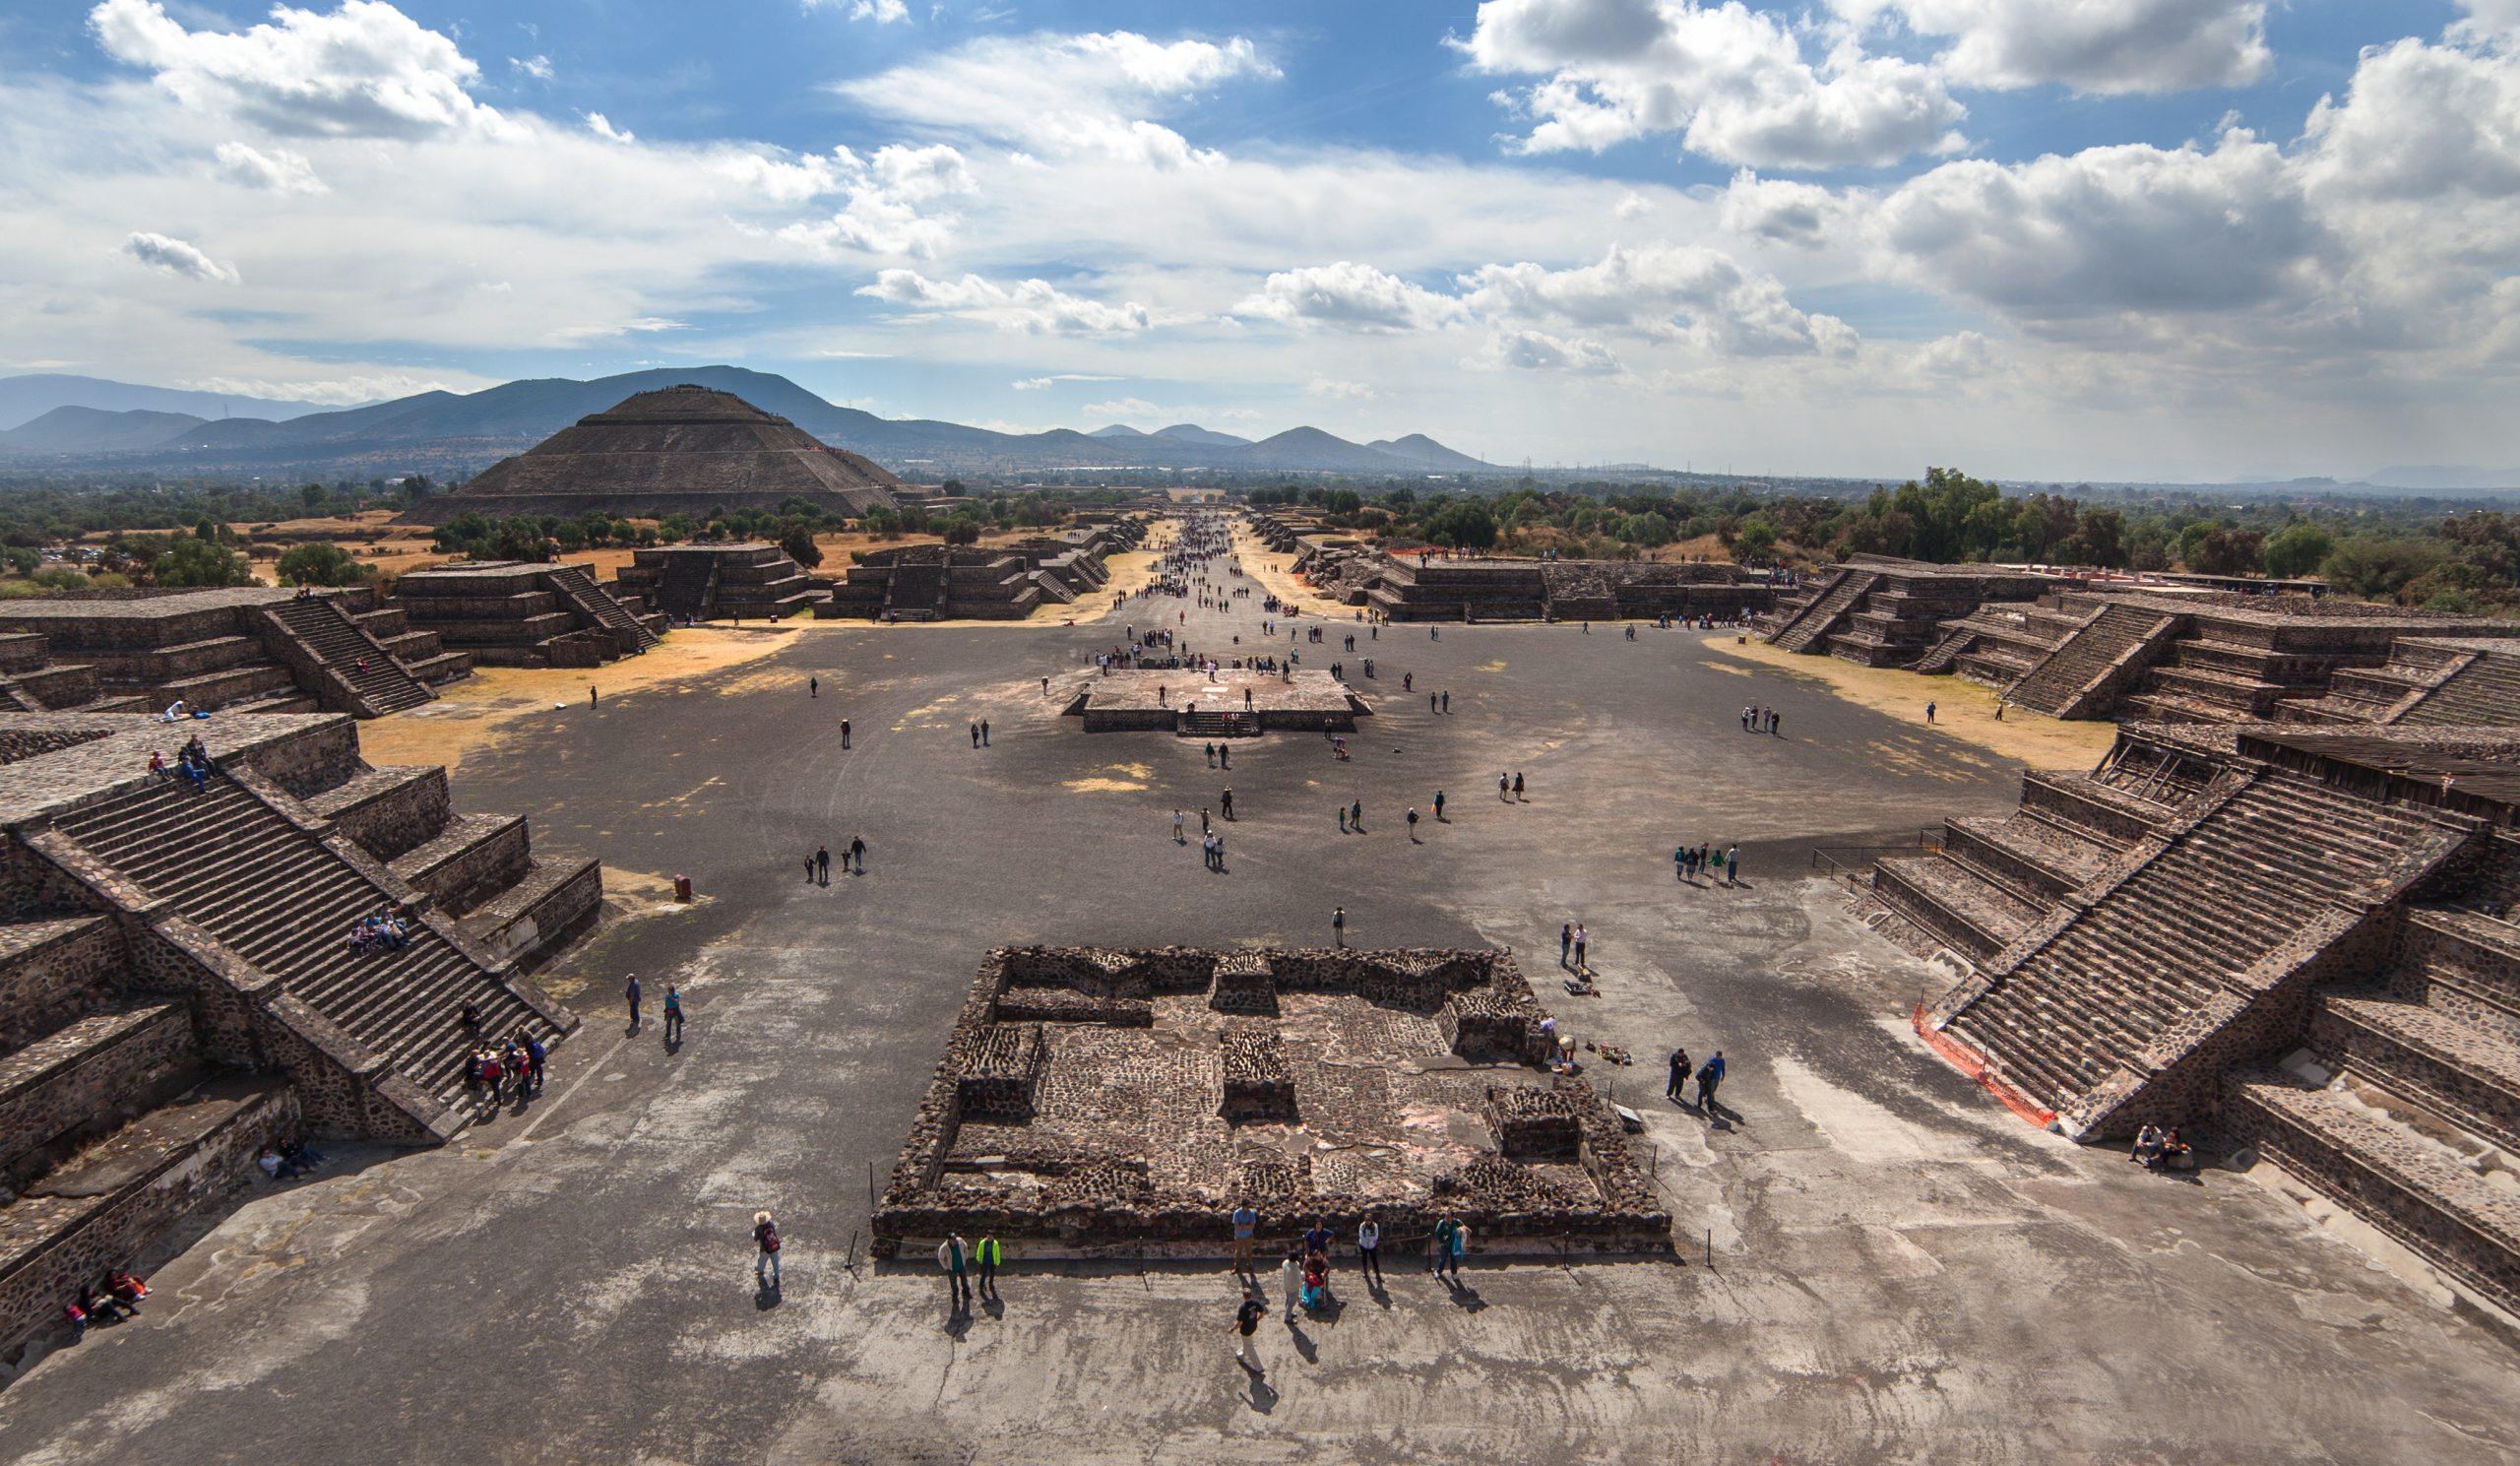 Visitando la Ciudad prehispánica de Teotihuacán